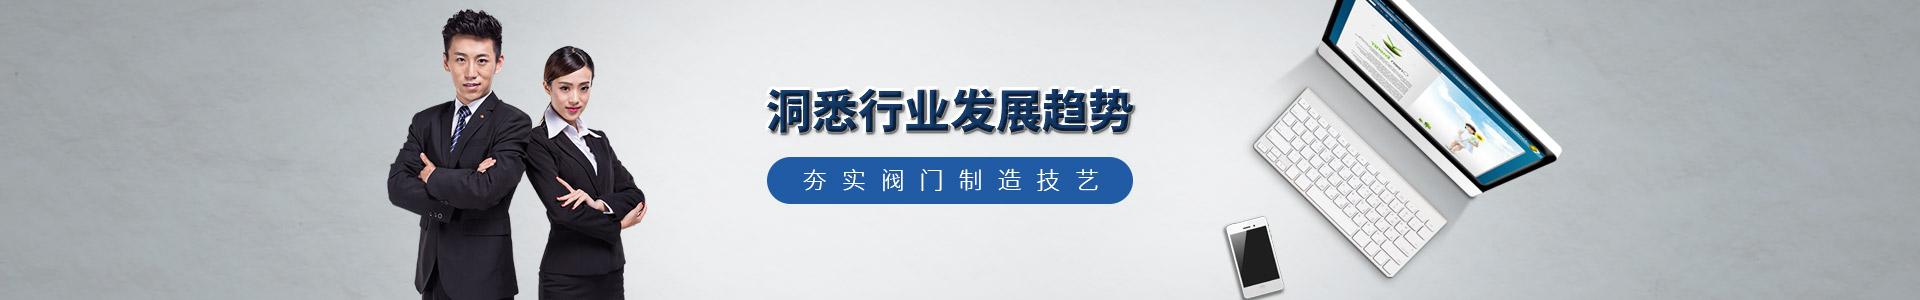 花山阀门新闻资讯